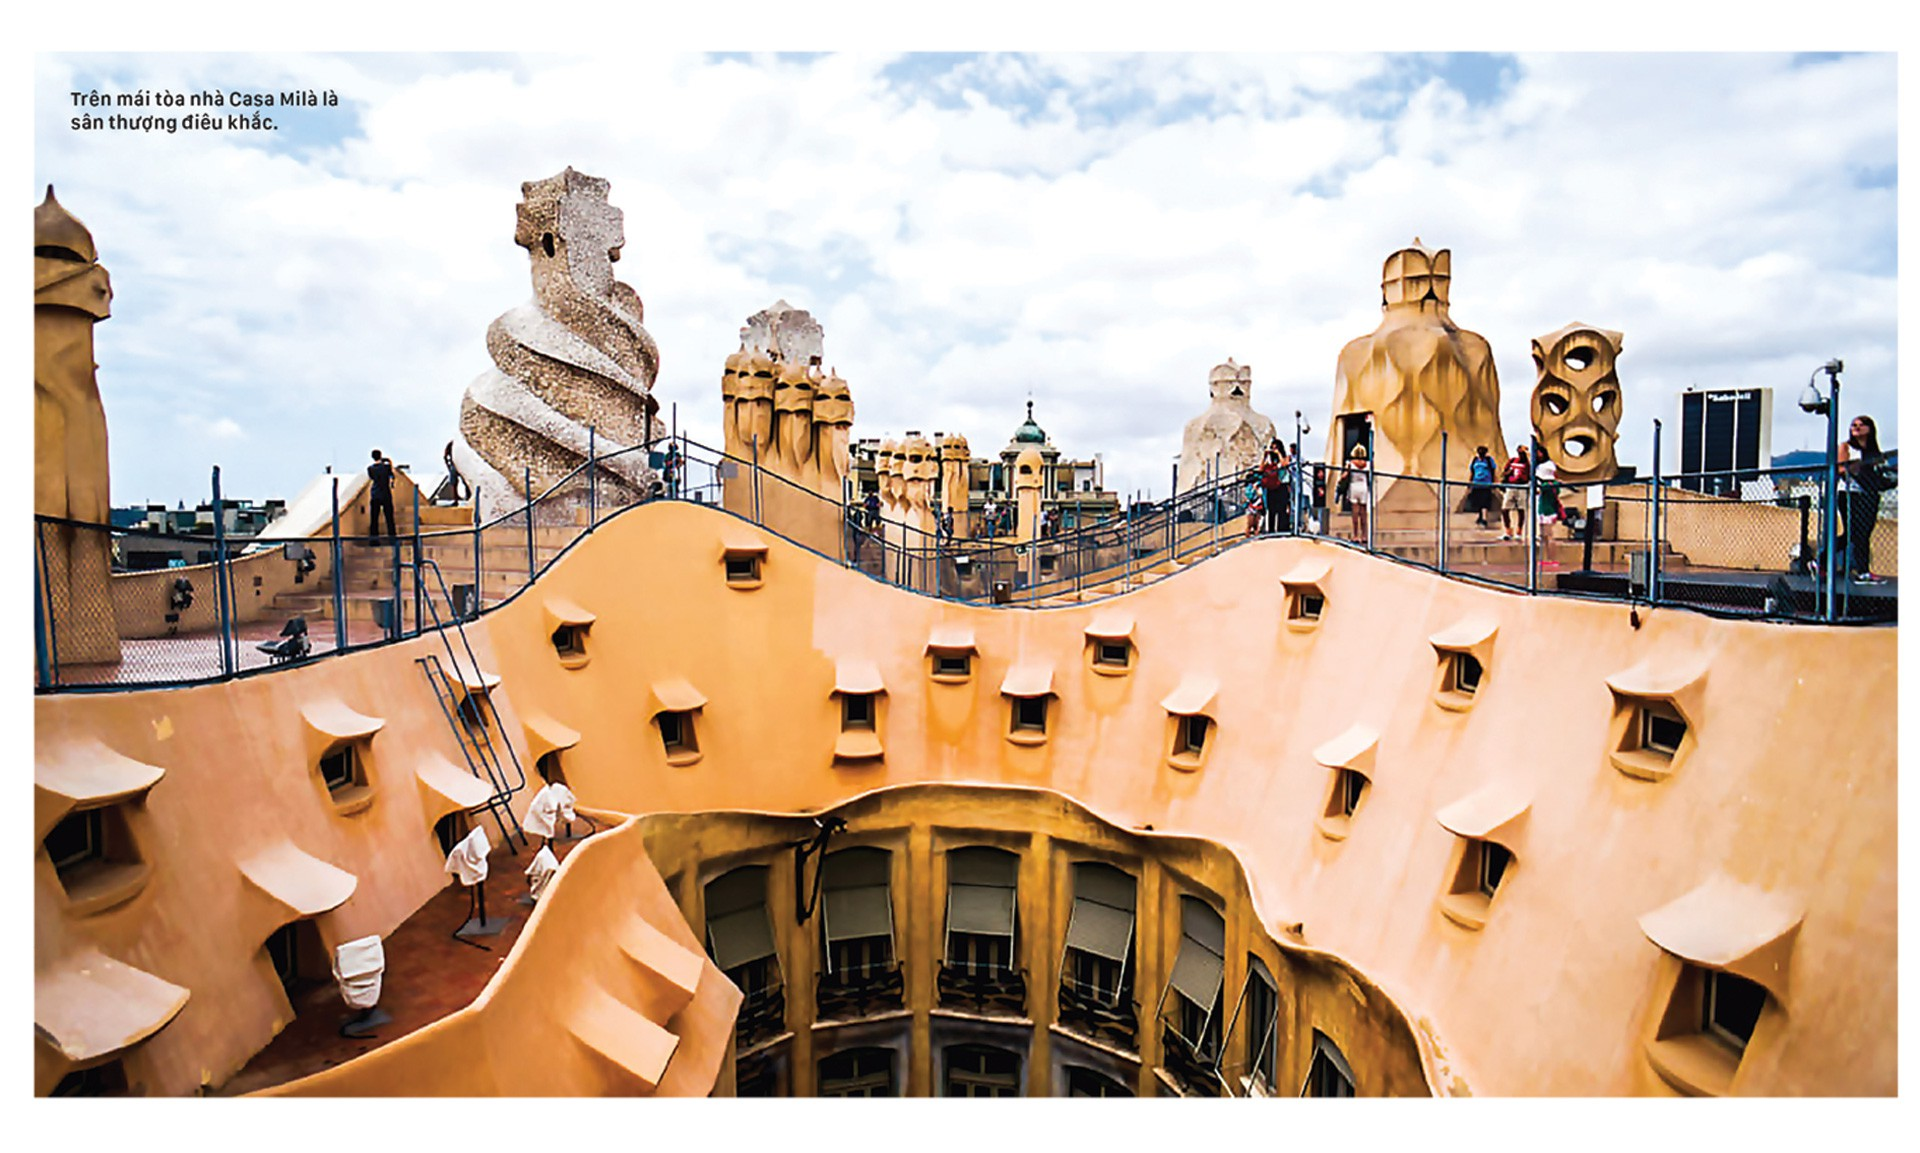 Thiên đường kiến trúc Gaudí ở Barcelona - Hình 2